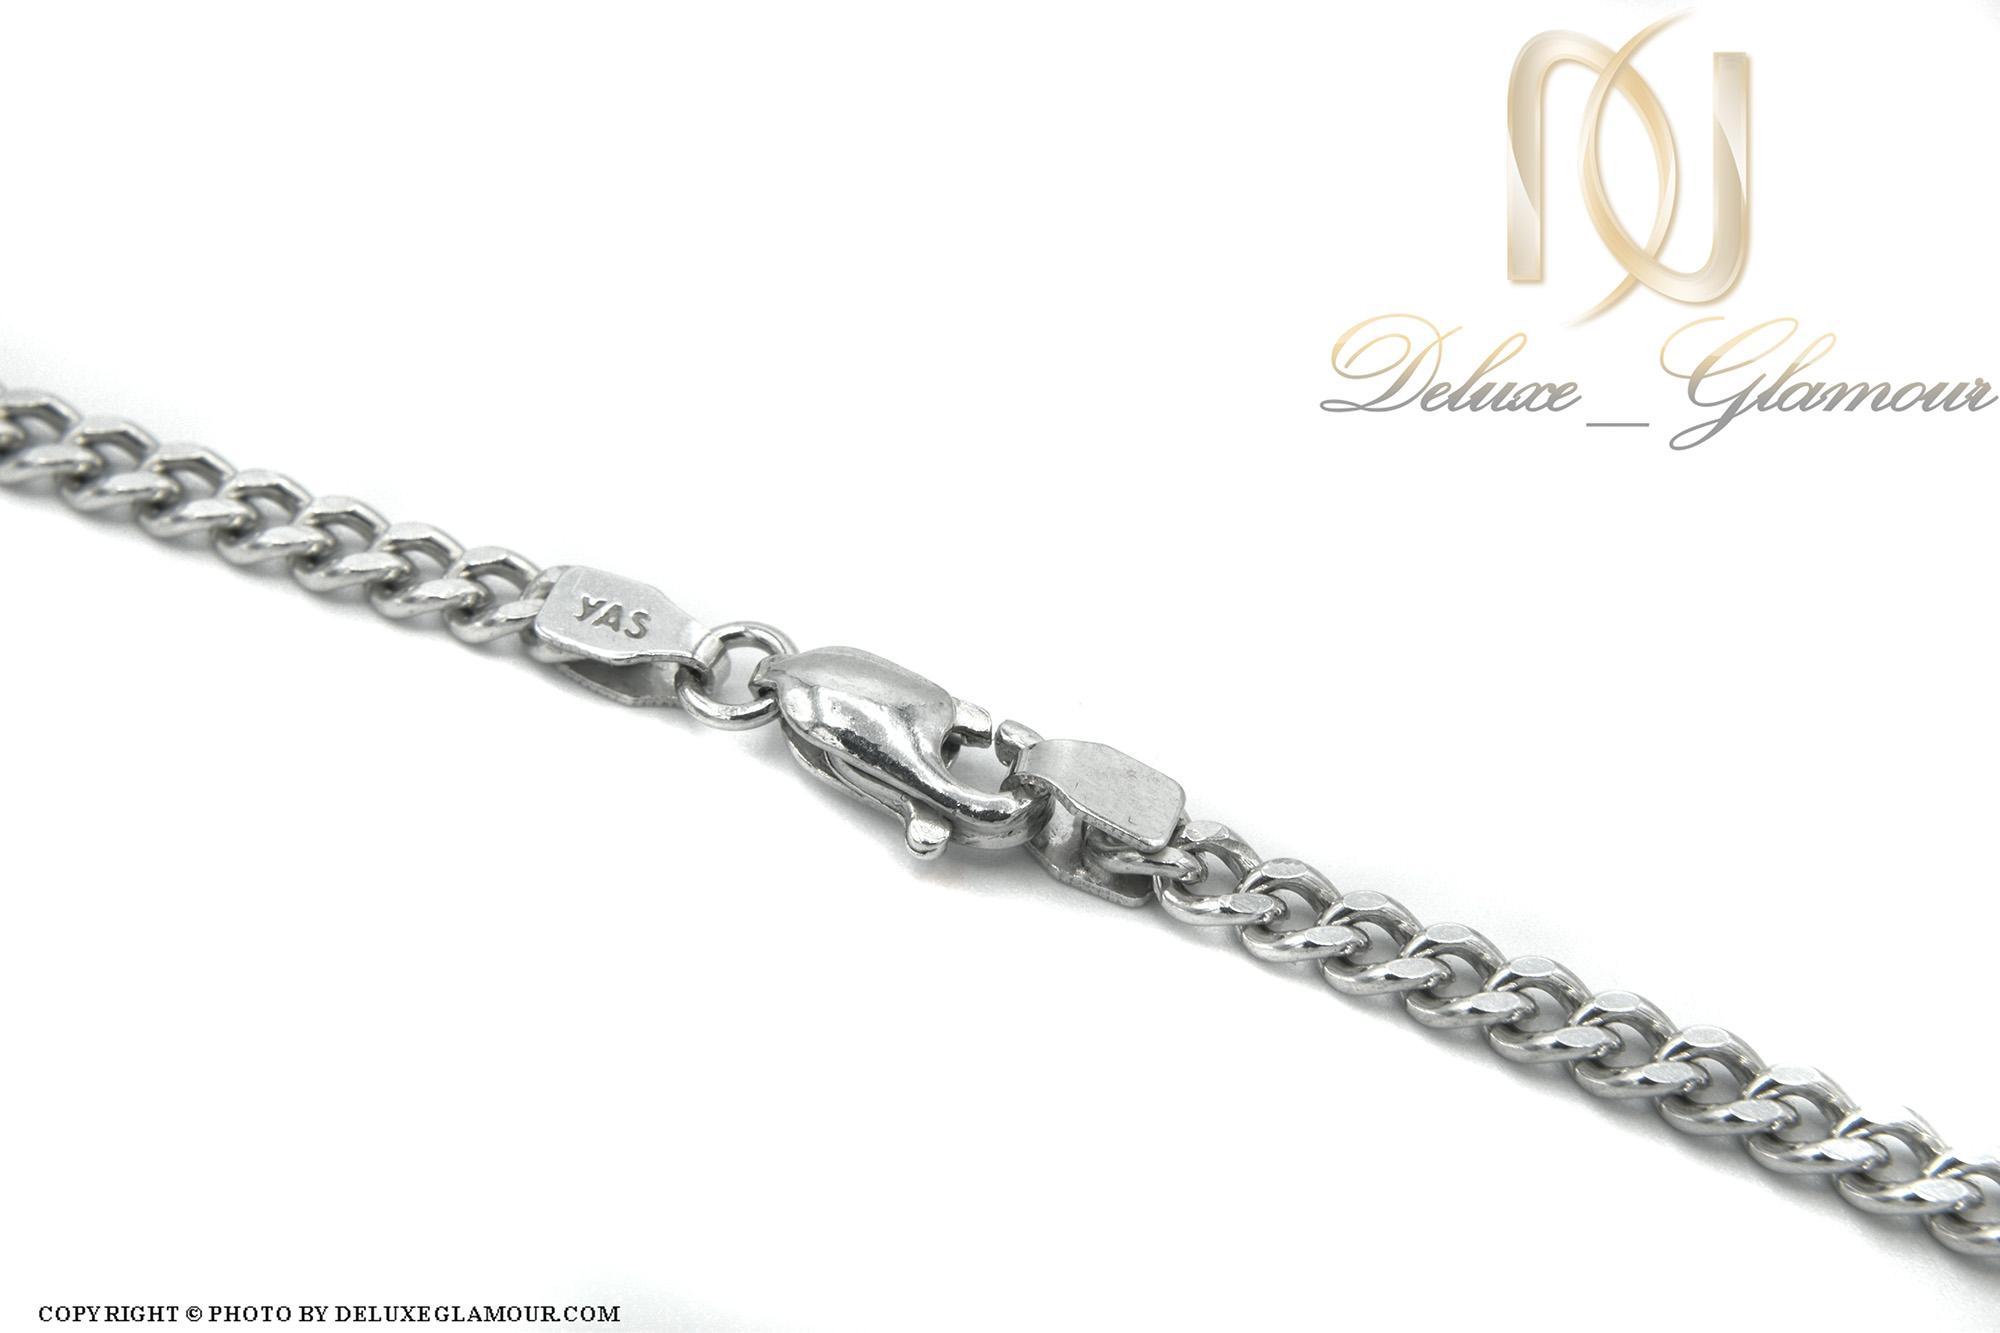 زنجیر مردانه نقره طرح کابلی 50 سانتی NW-N439 از نمای نزدیک